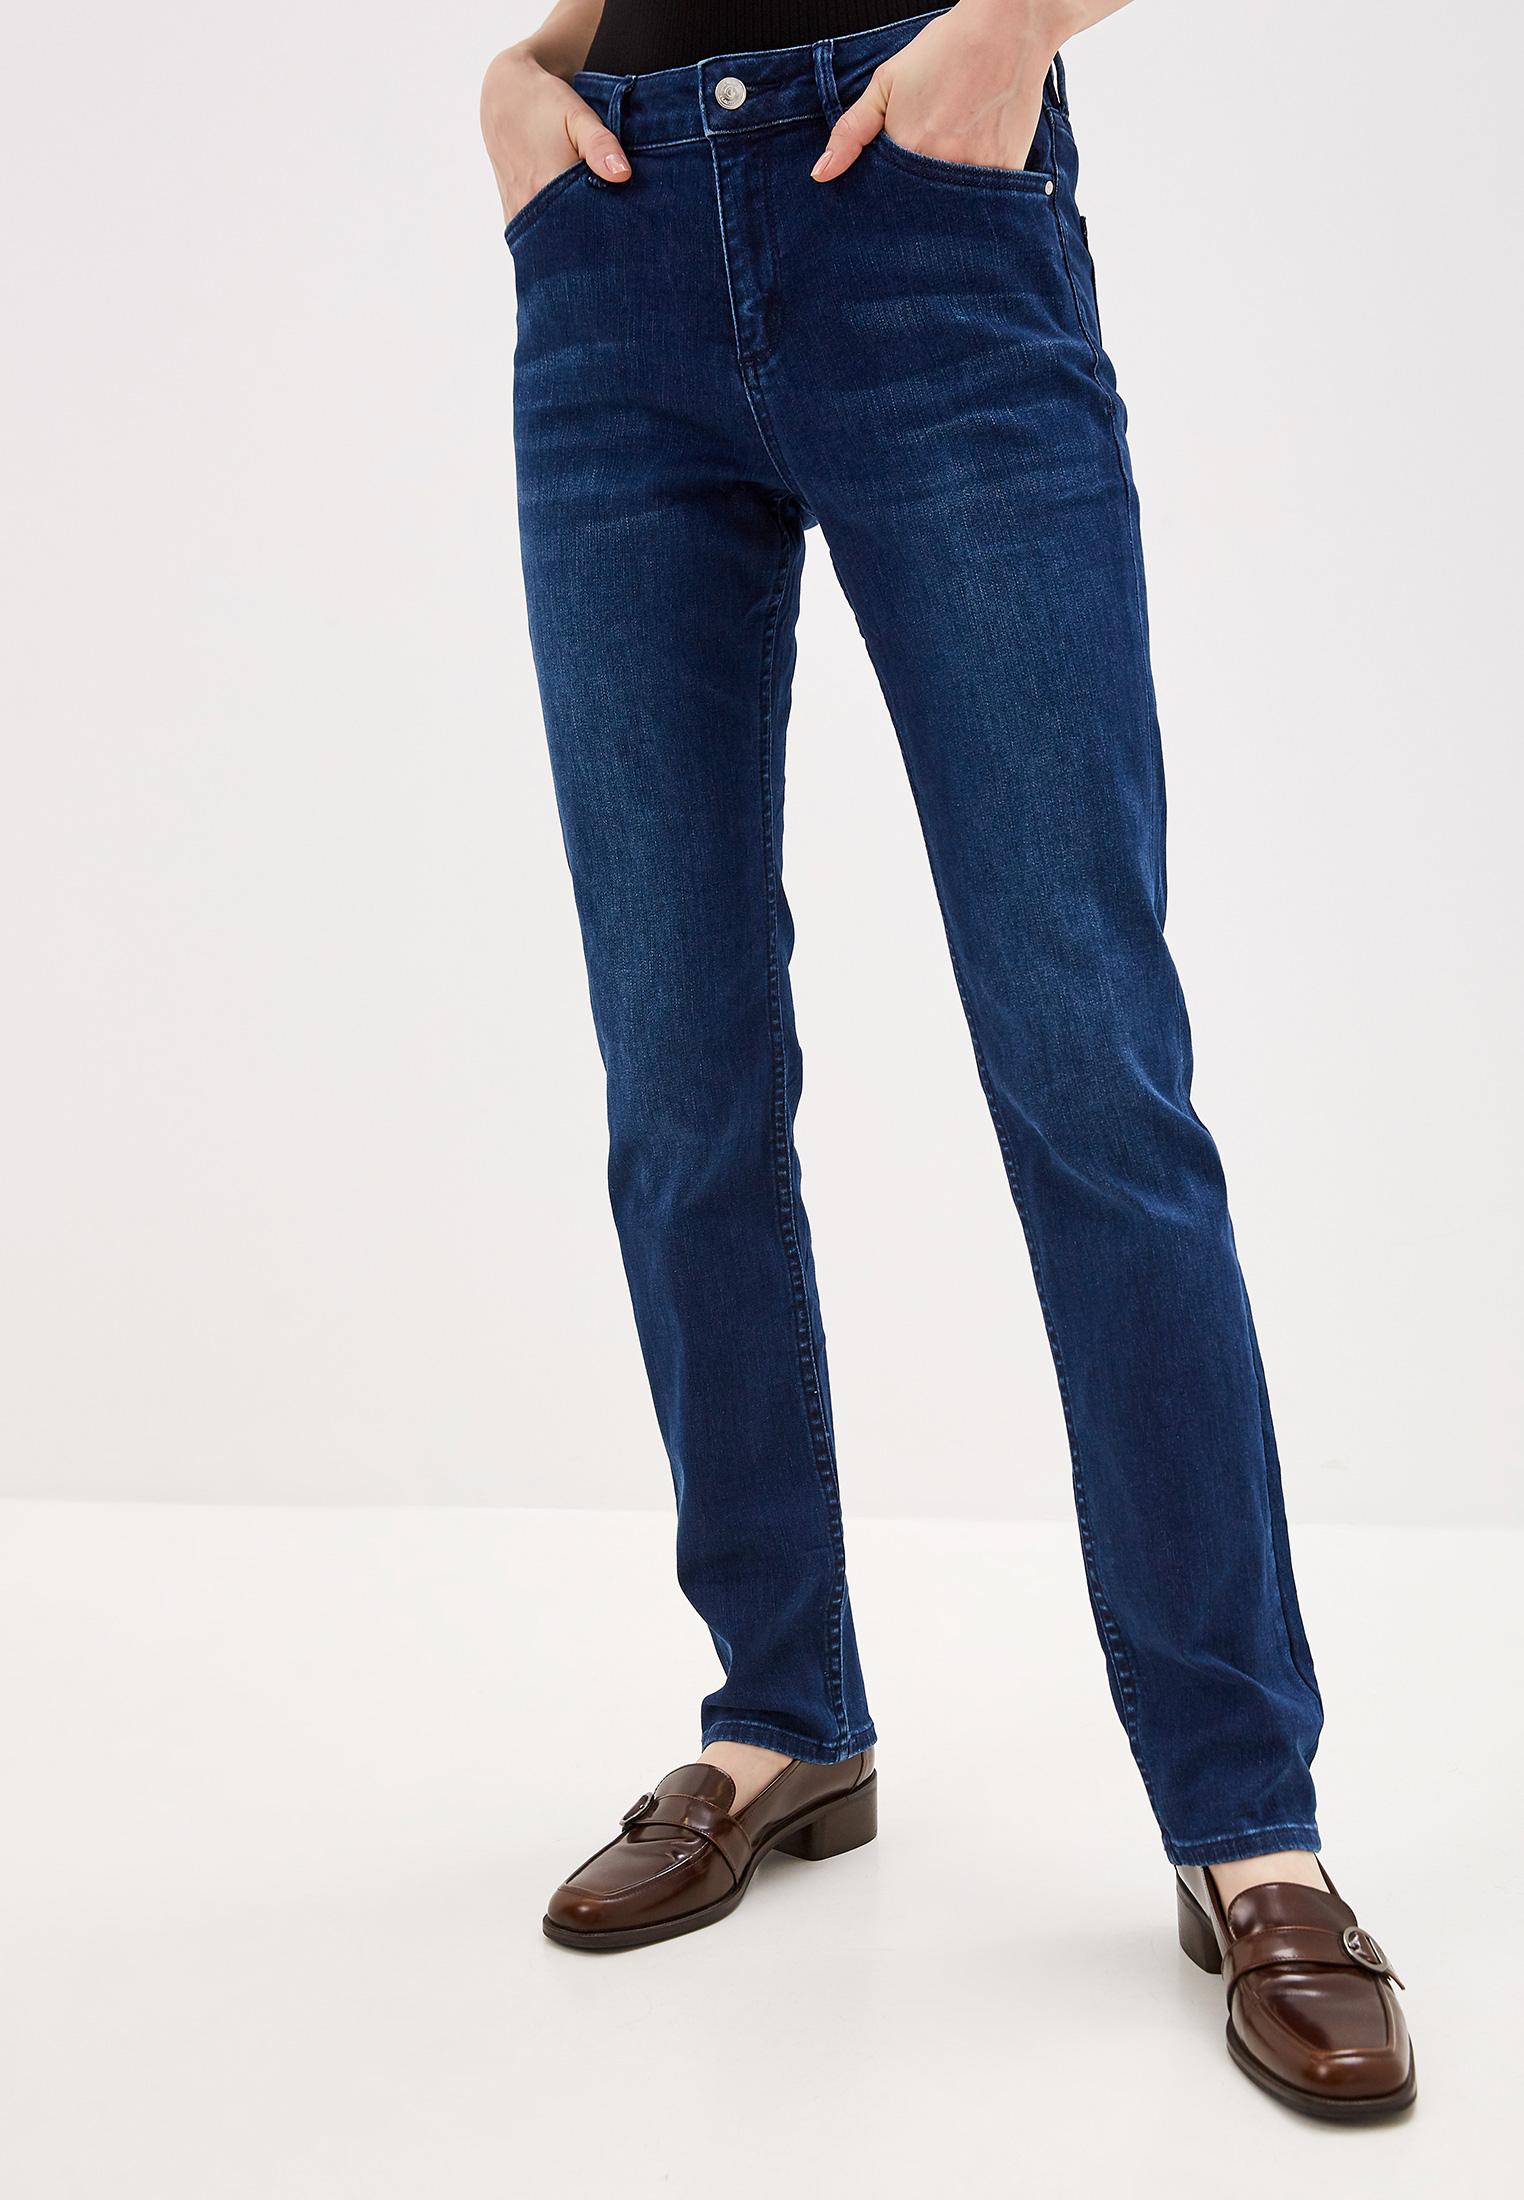 Зауженные джинсы s.Oliver (с.Оливер) 04.899.71.5398